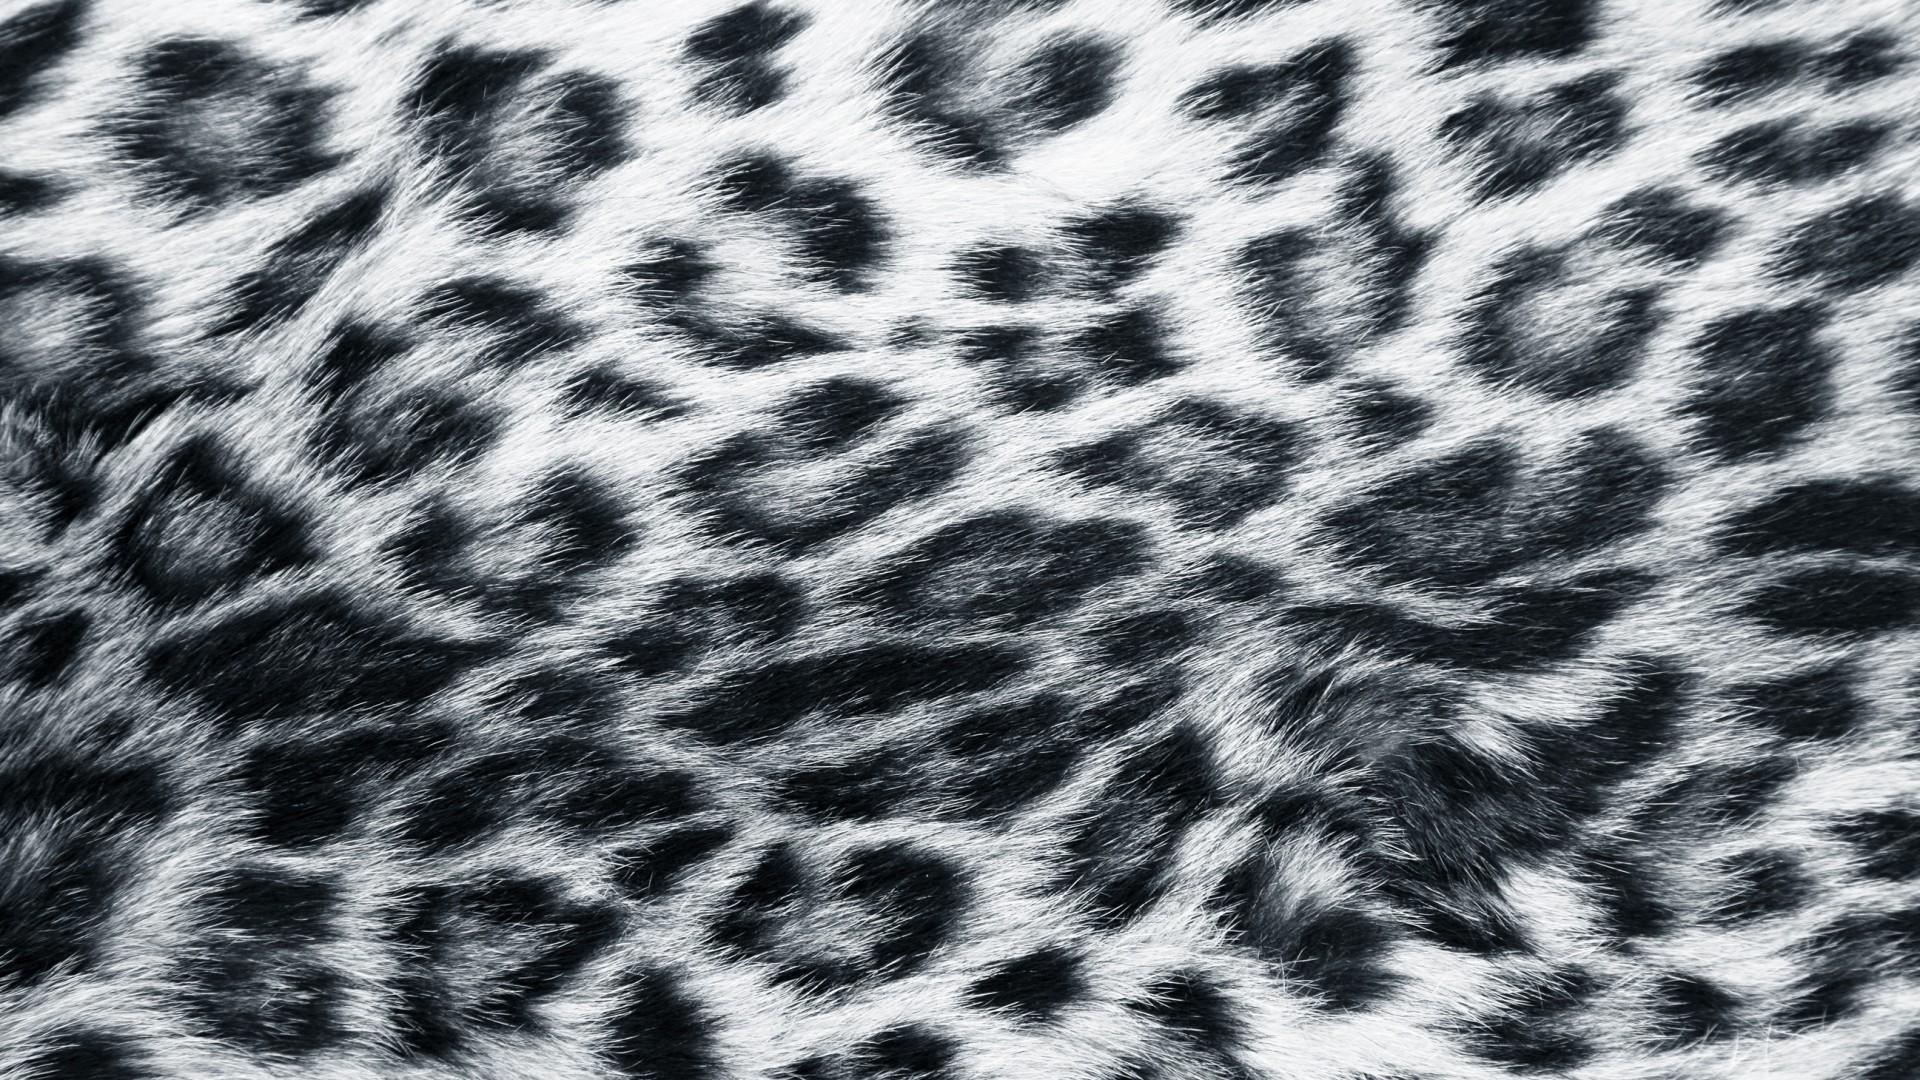 Hipster Fall Wallpaper Leopard Print Wallpapers Hd Pixelstalk Net